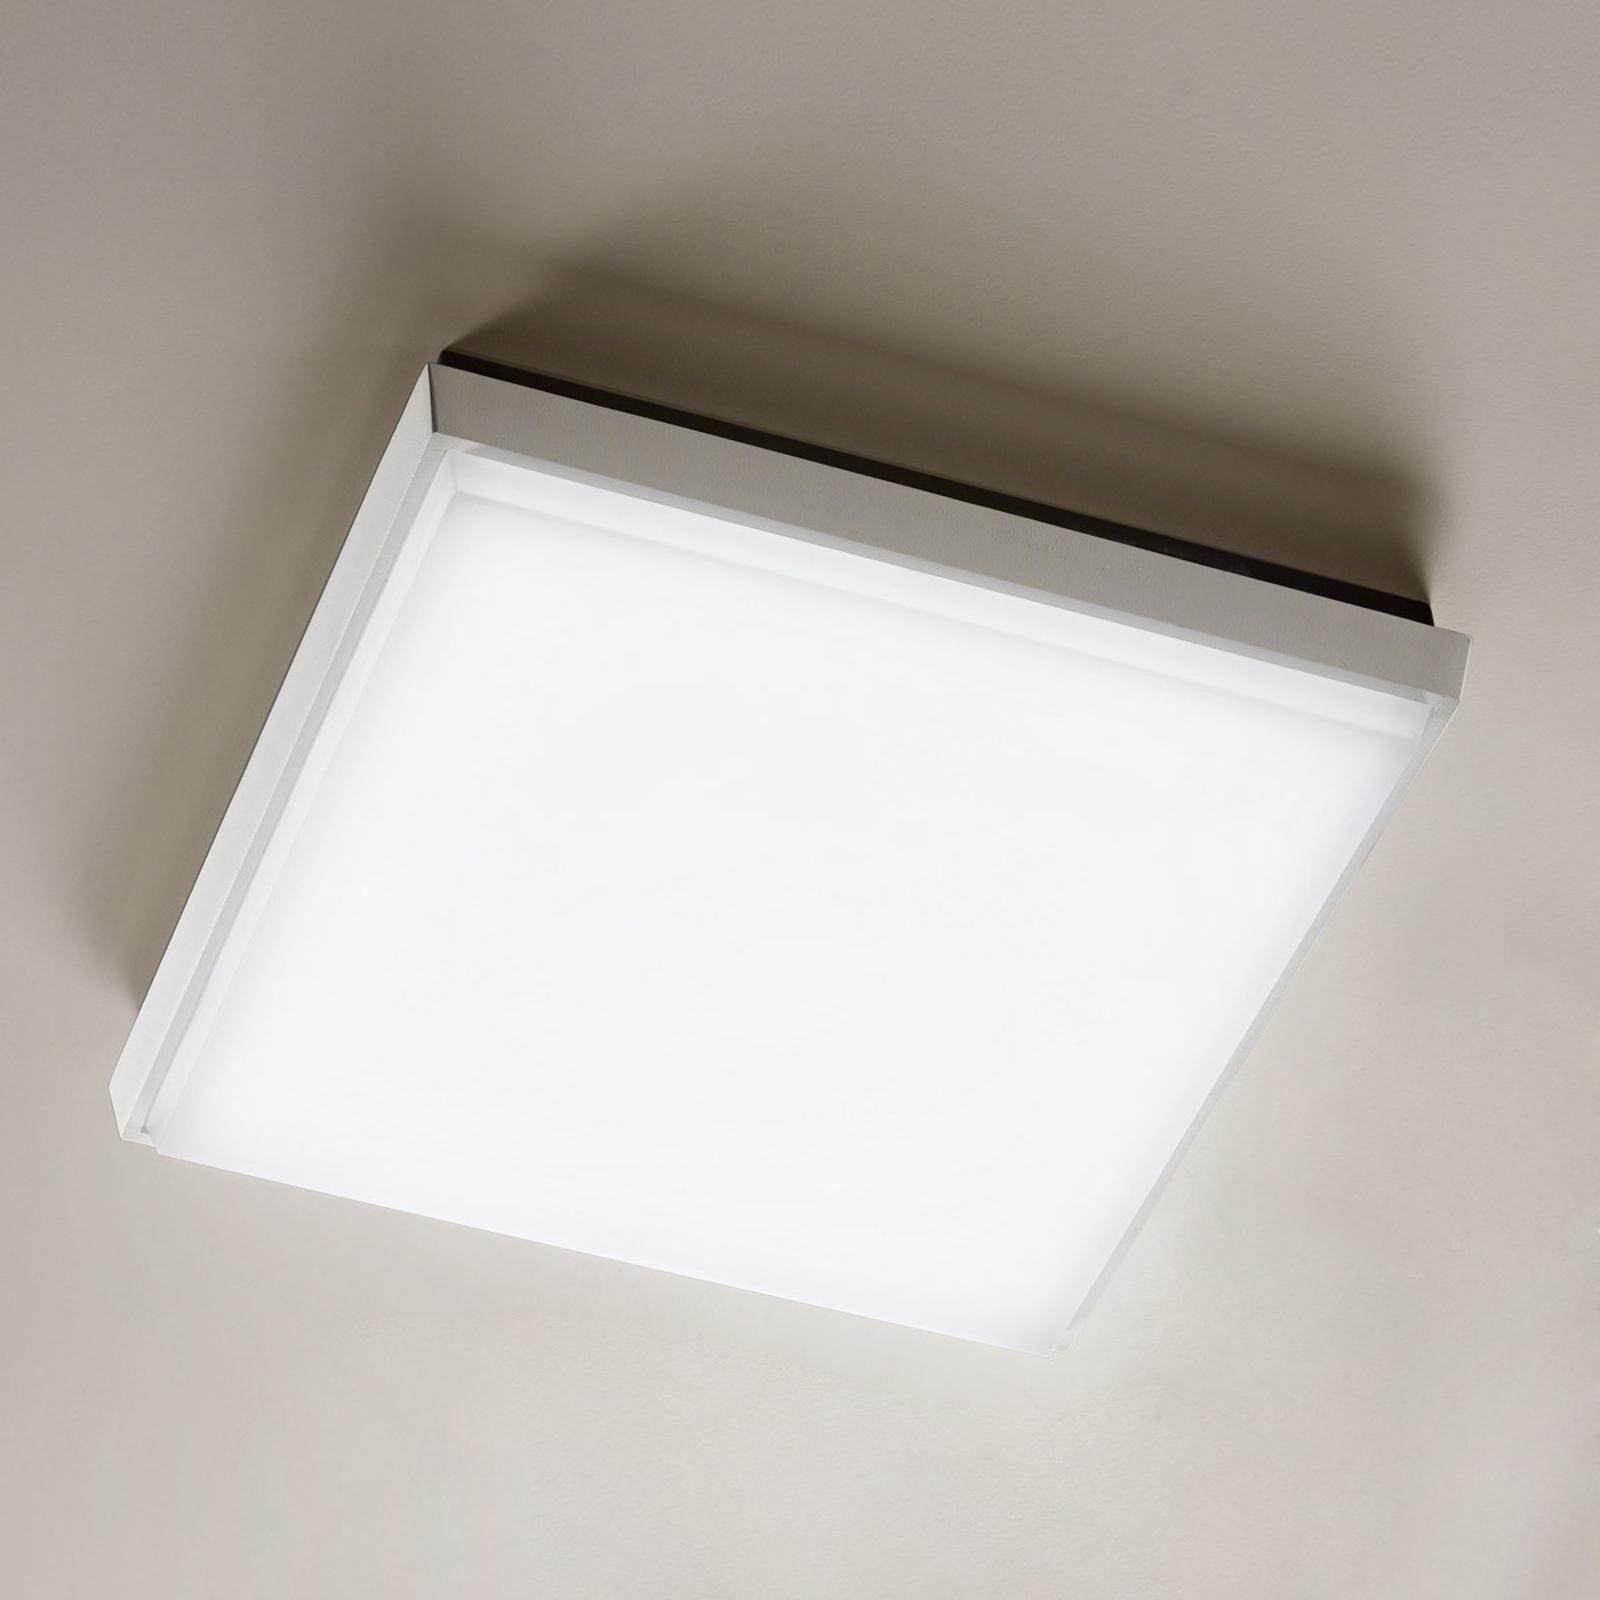 Eckige LED-Außendeckenleuchte Desdy